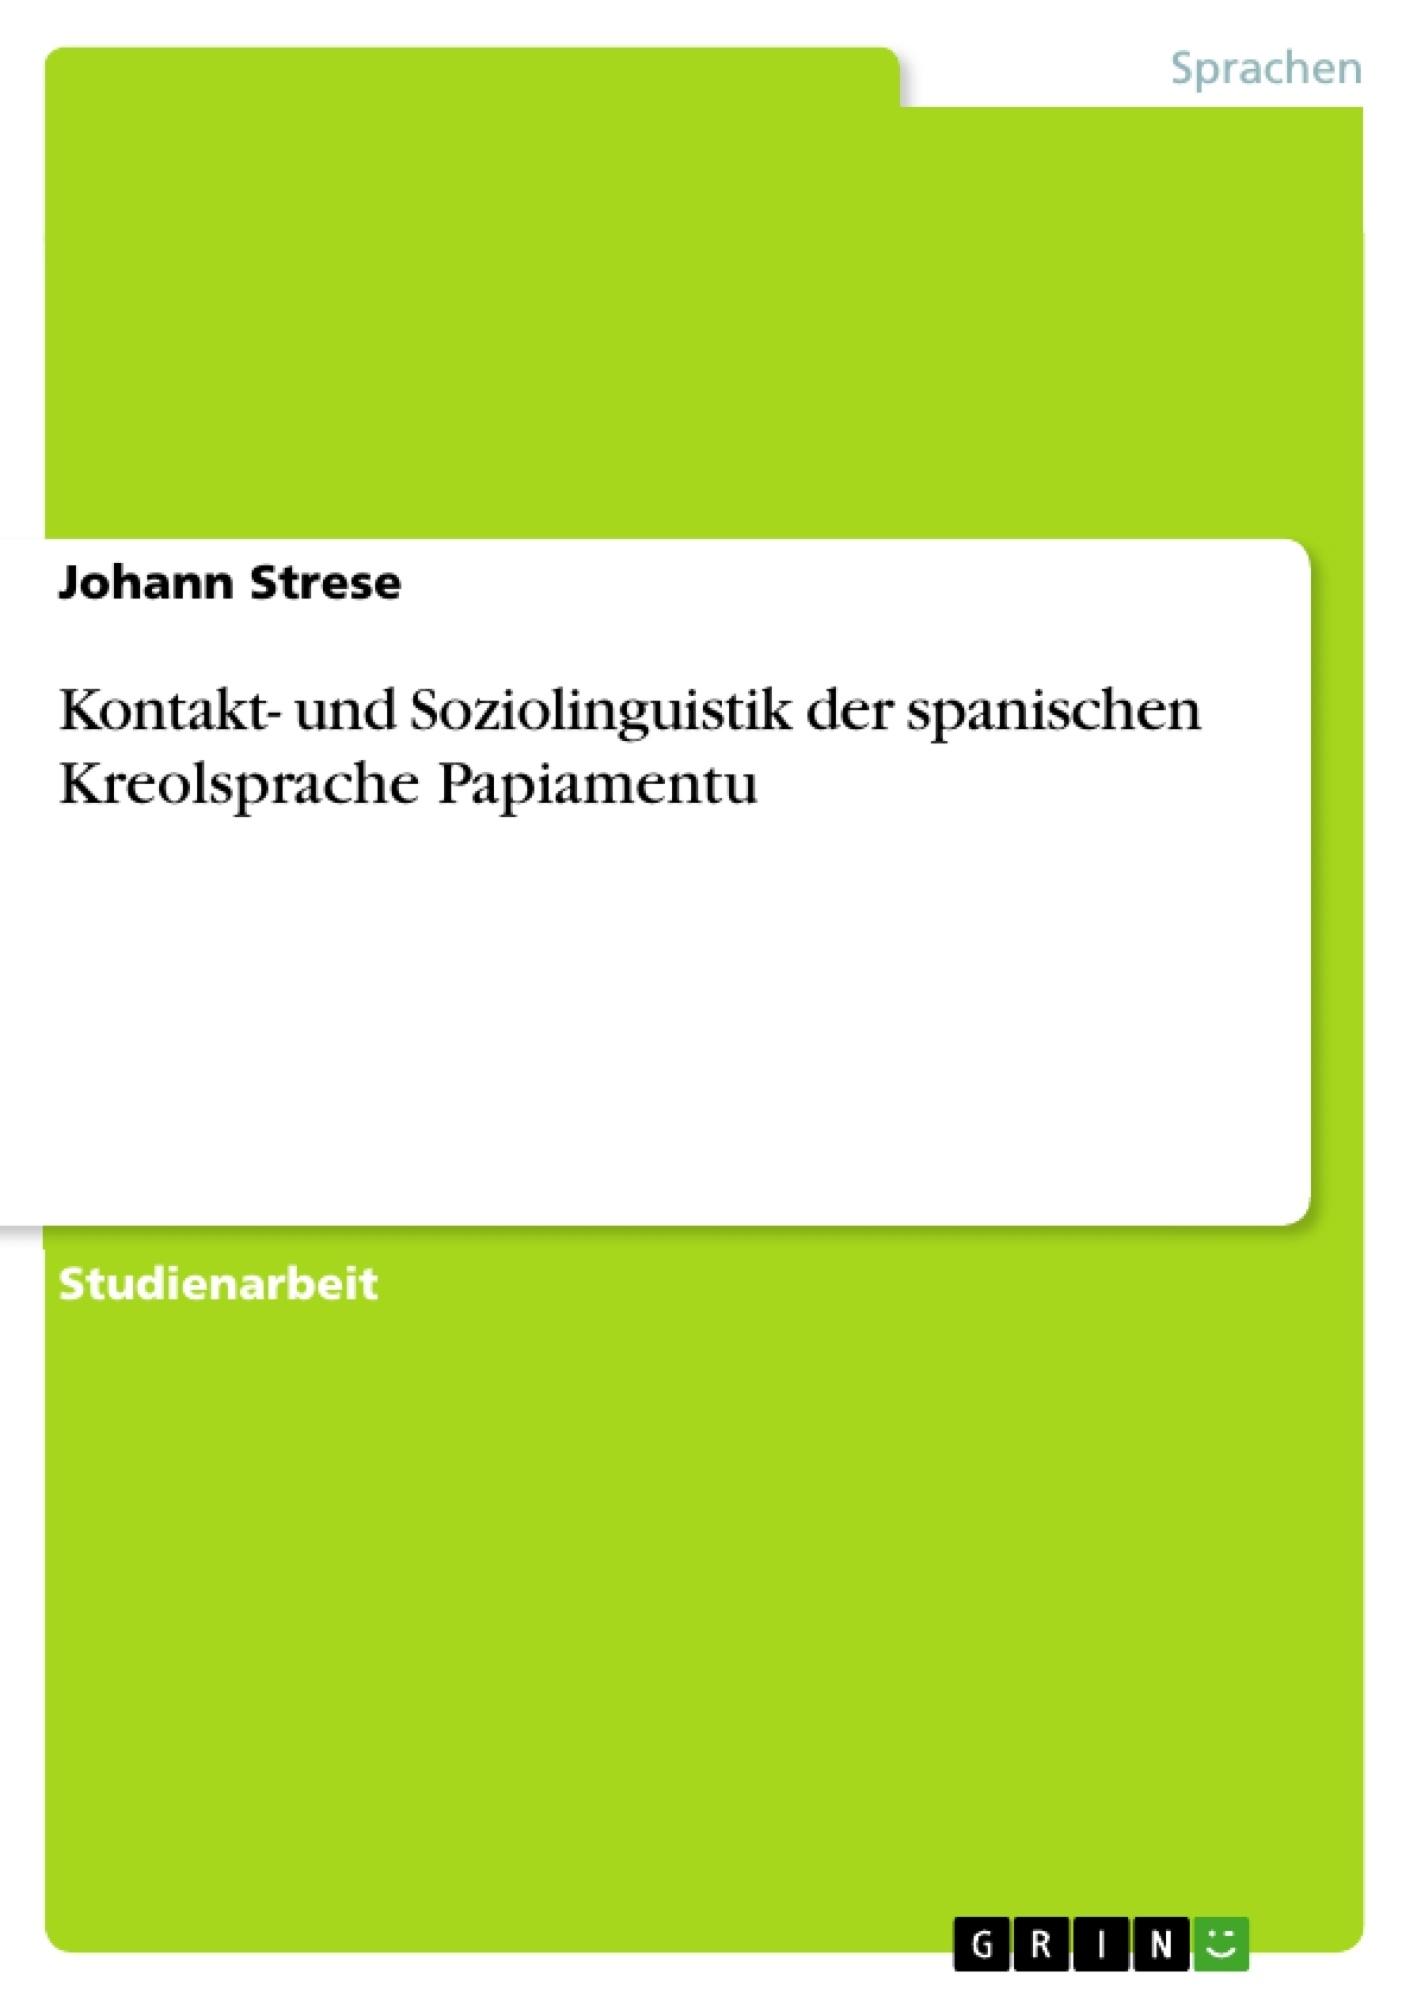 Titel: Kontakt- und Soziolinguistik der spanischen Kreolsprache Papiamentu